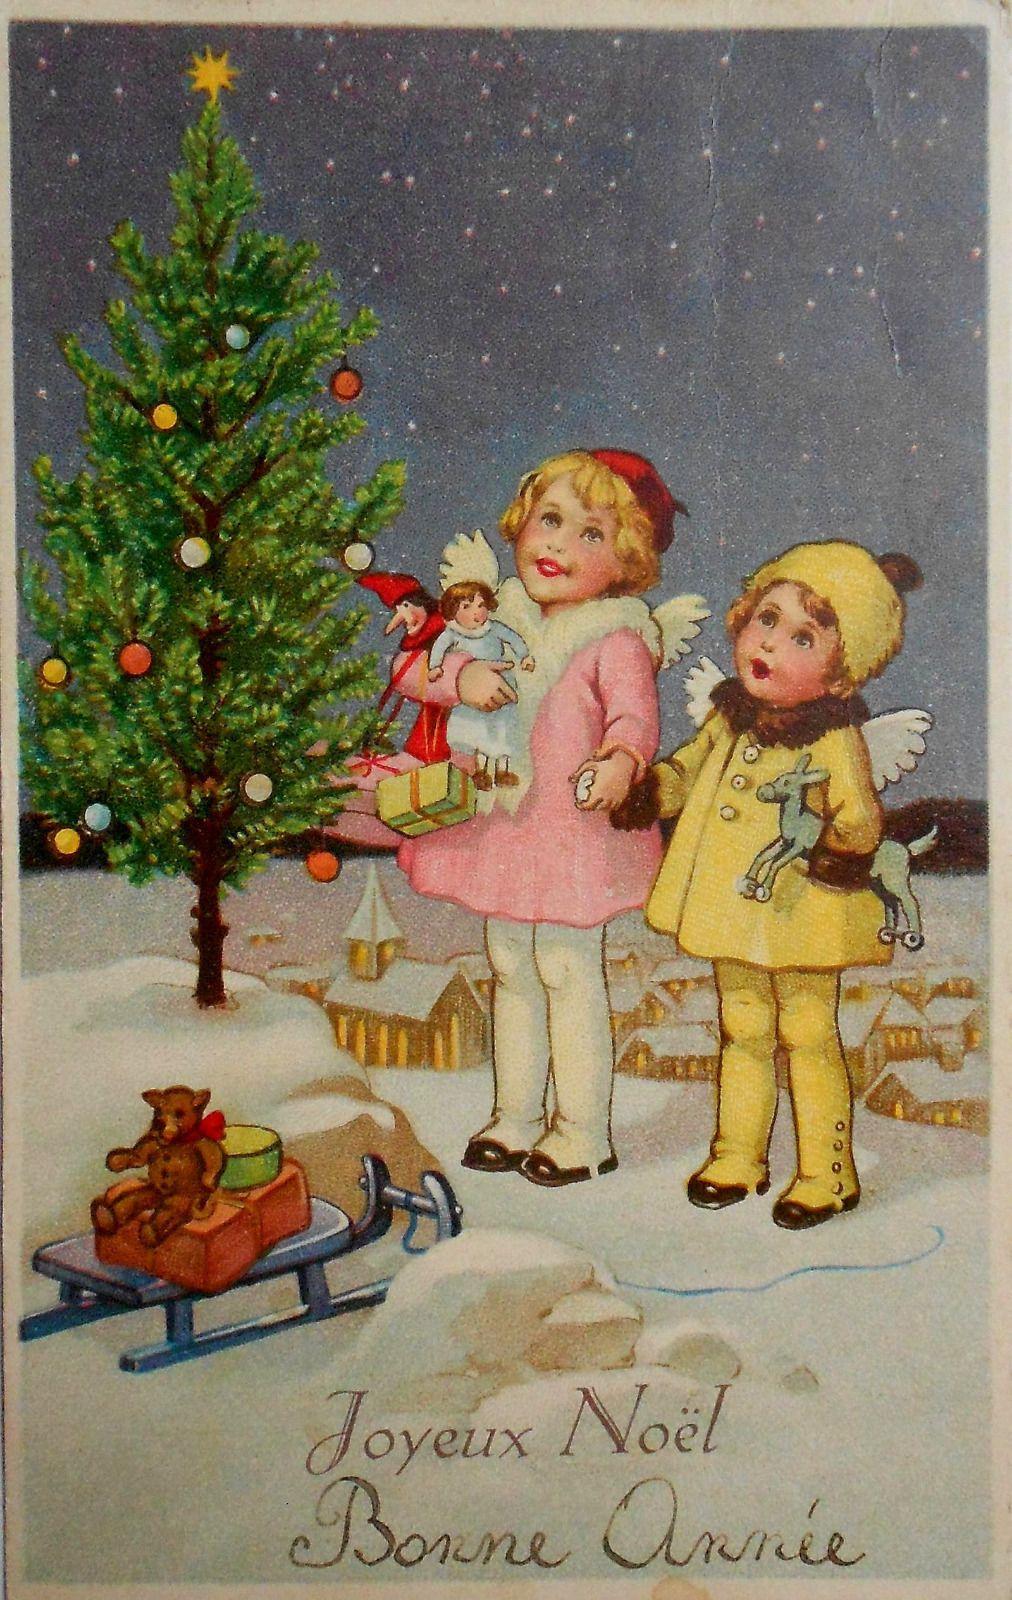 Weihnachten 2 Engel Mit Spielsachen Bestaunen Christbaum C1930